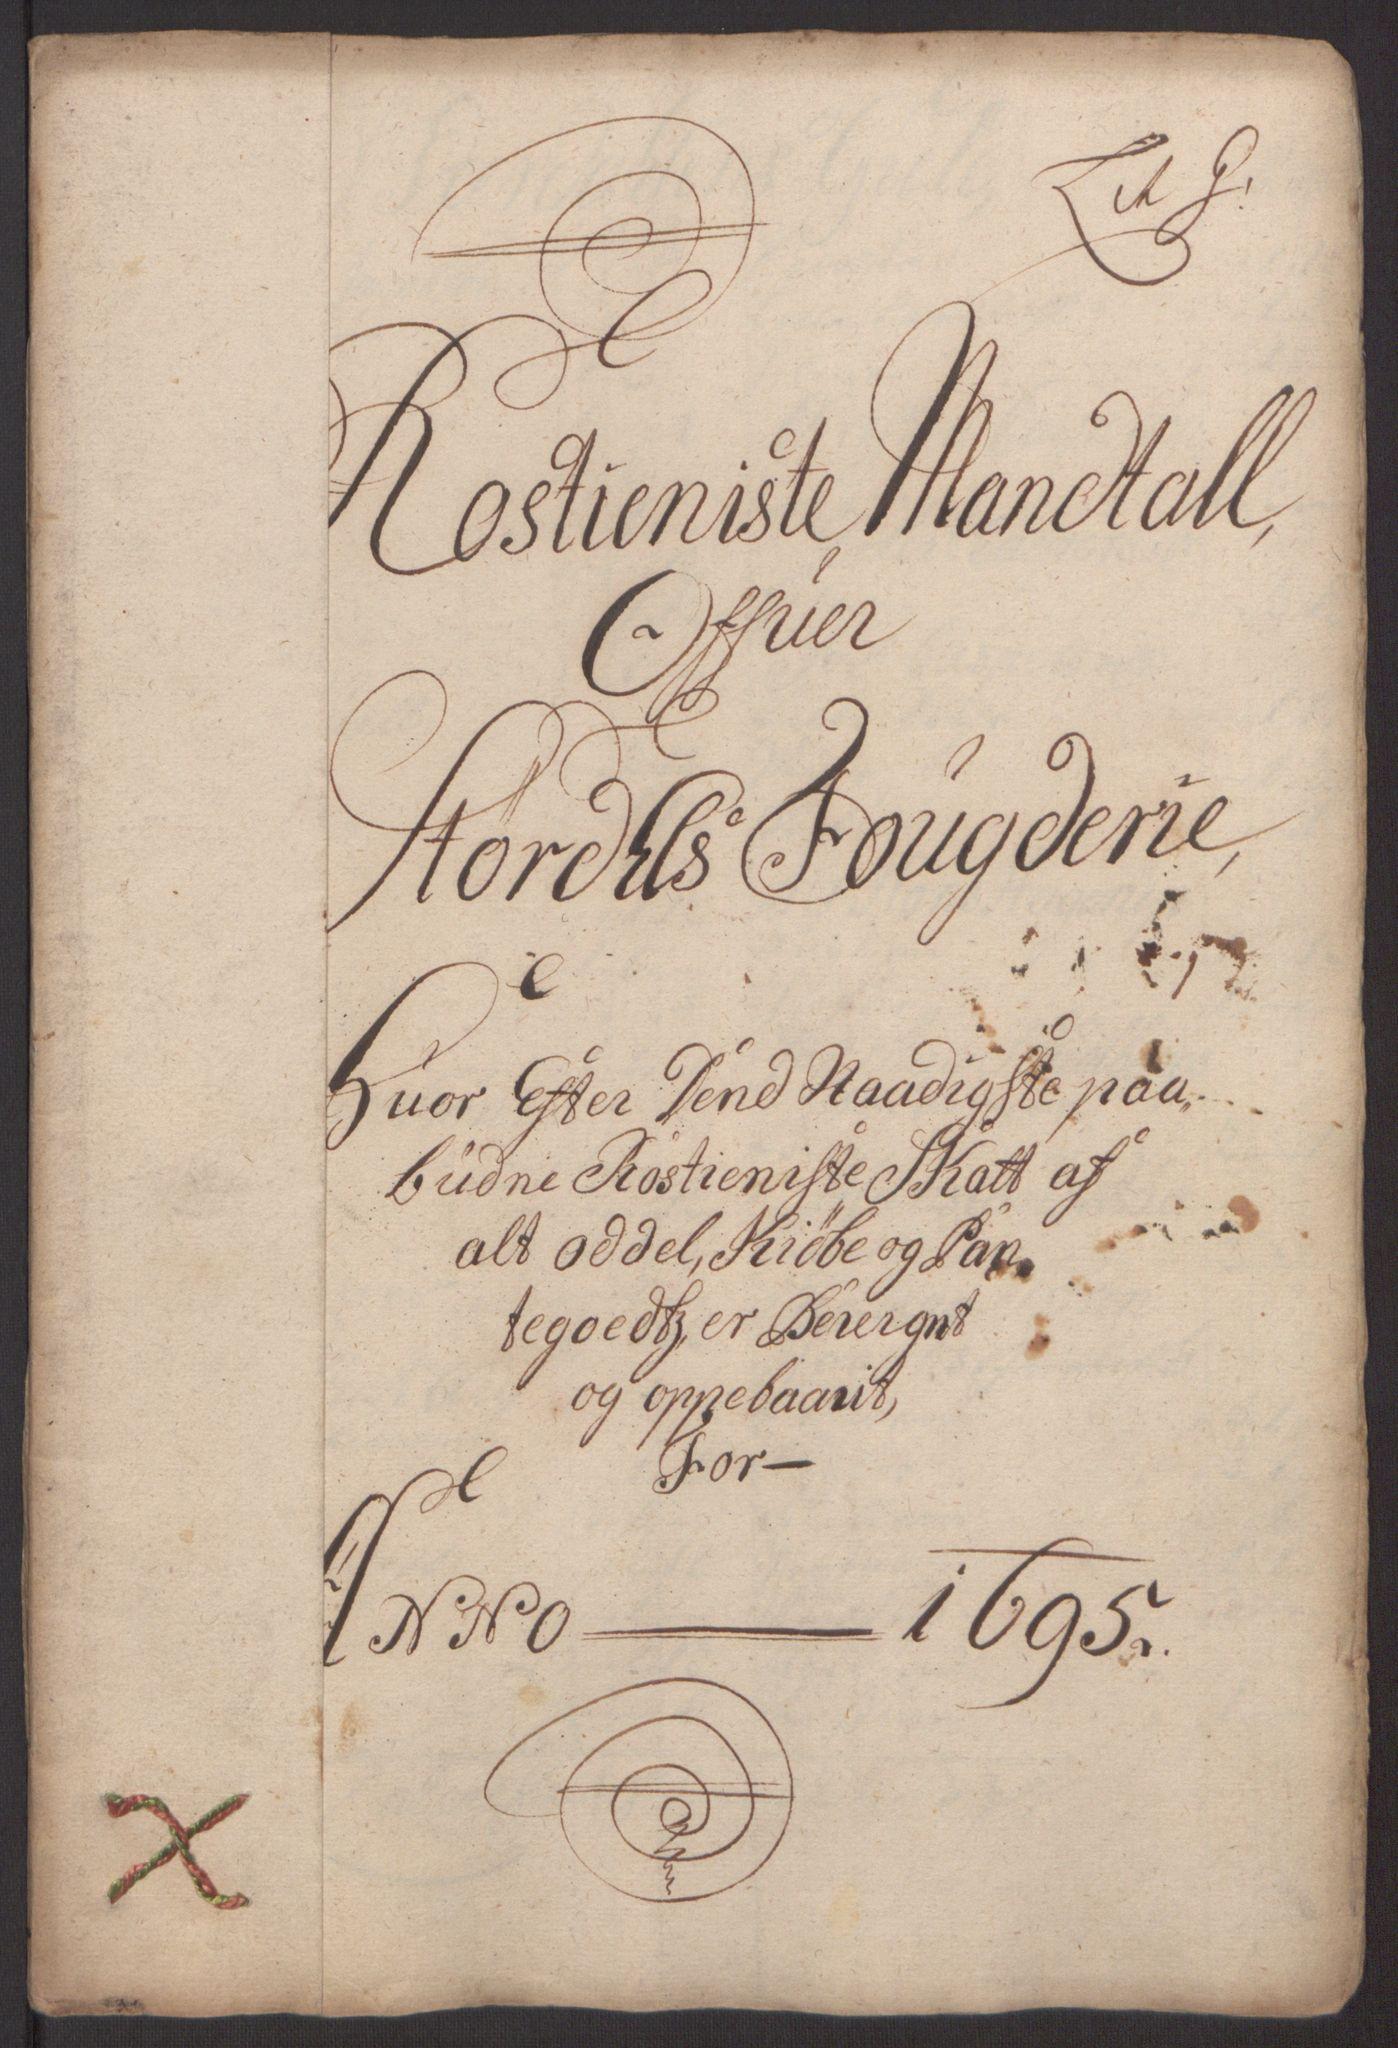 RA, Rentekammeret inntil 1814, Reviderte regnskaper, Fogderegnskap, R62/L4187: Fogderegnskap Stjørdal og Verdal, 1695, s. 107